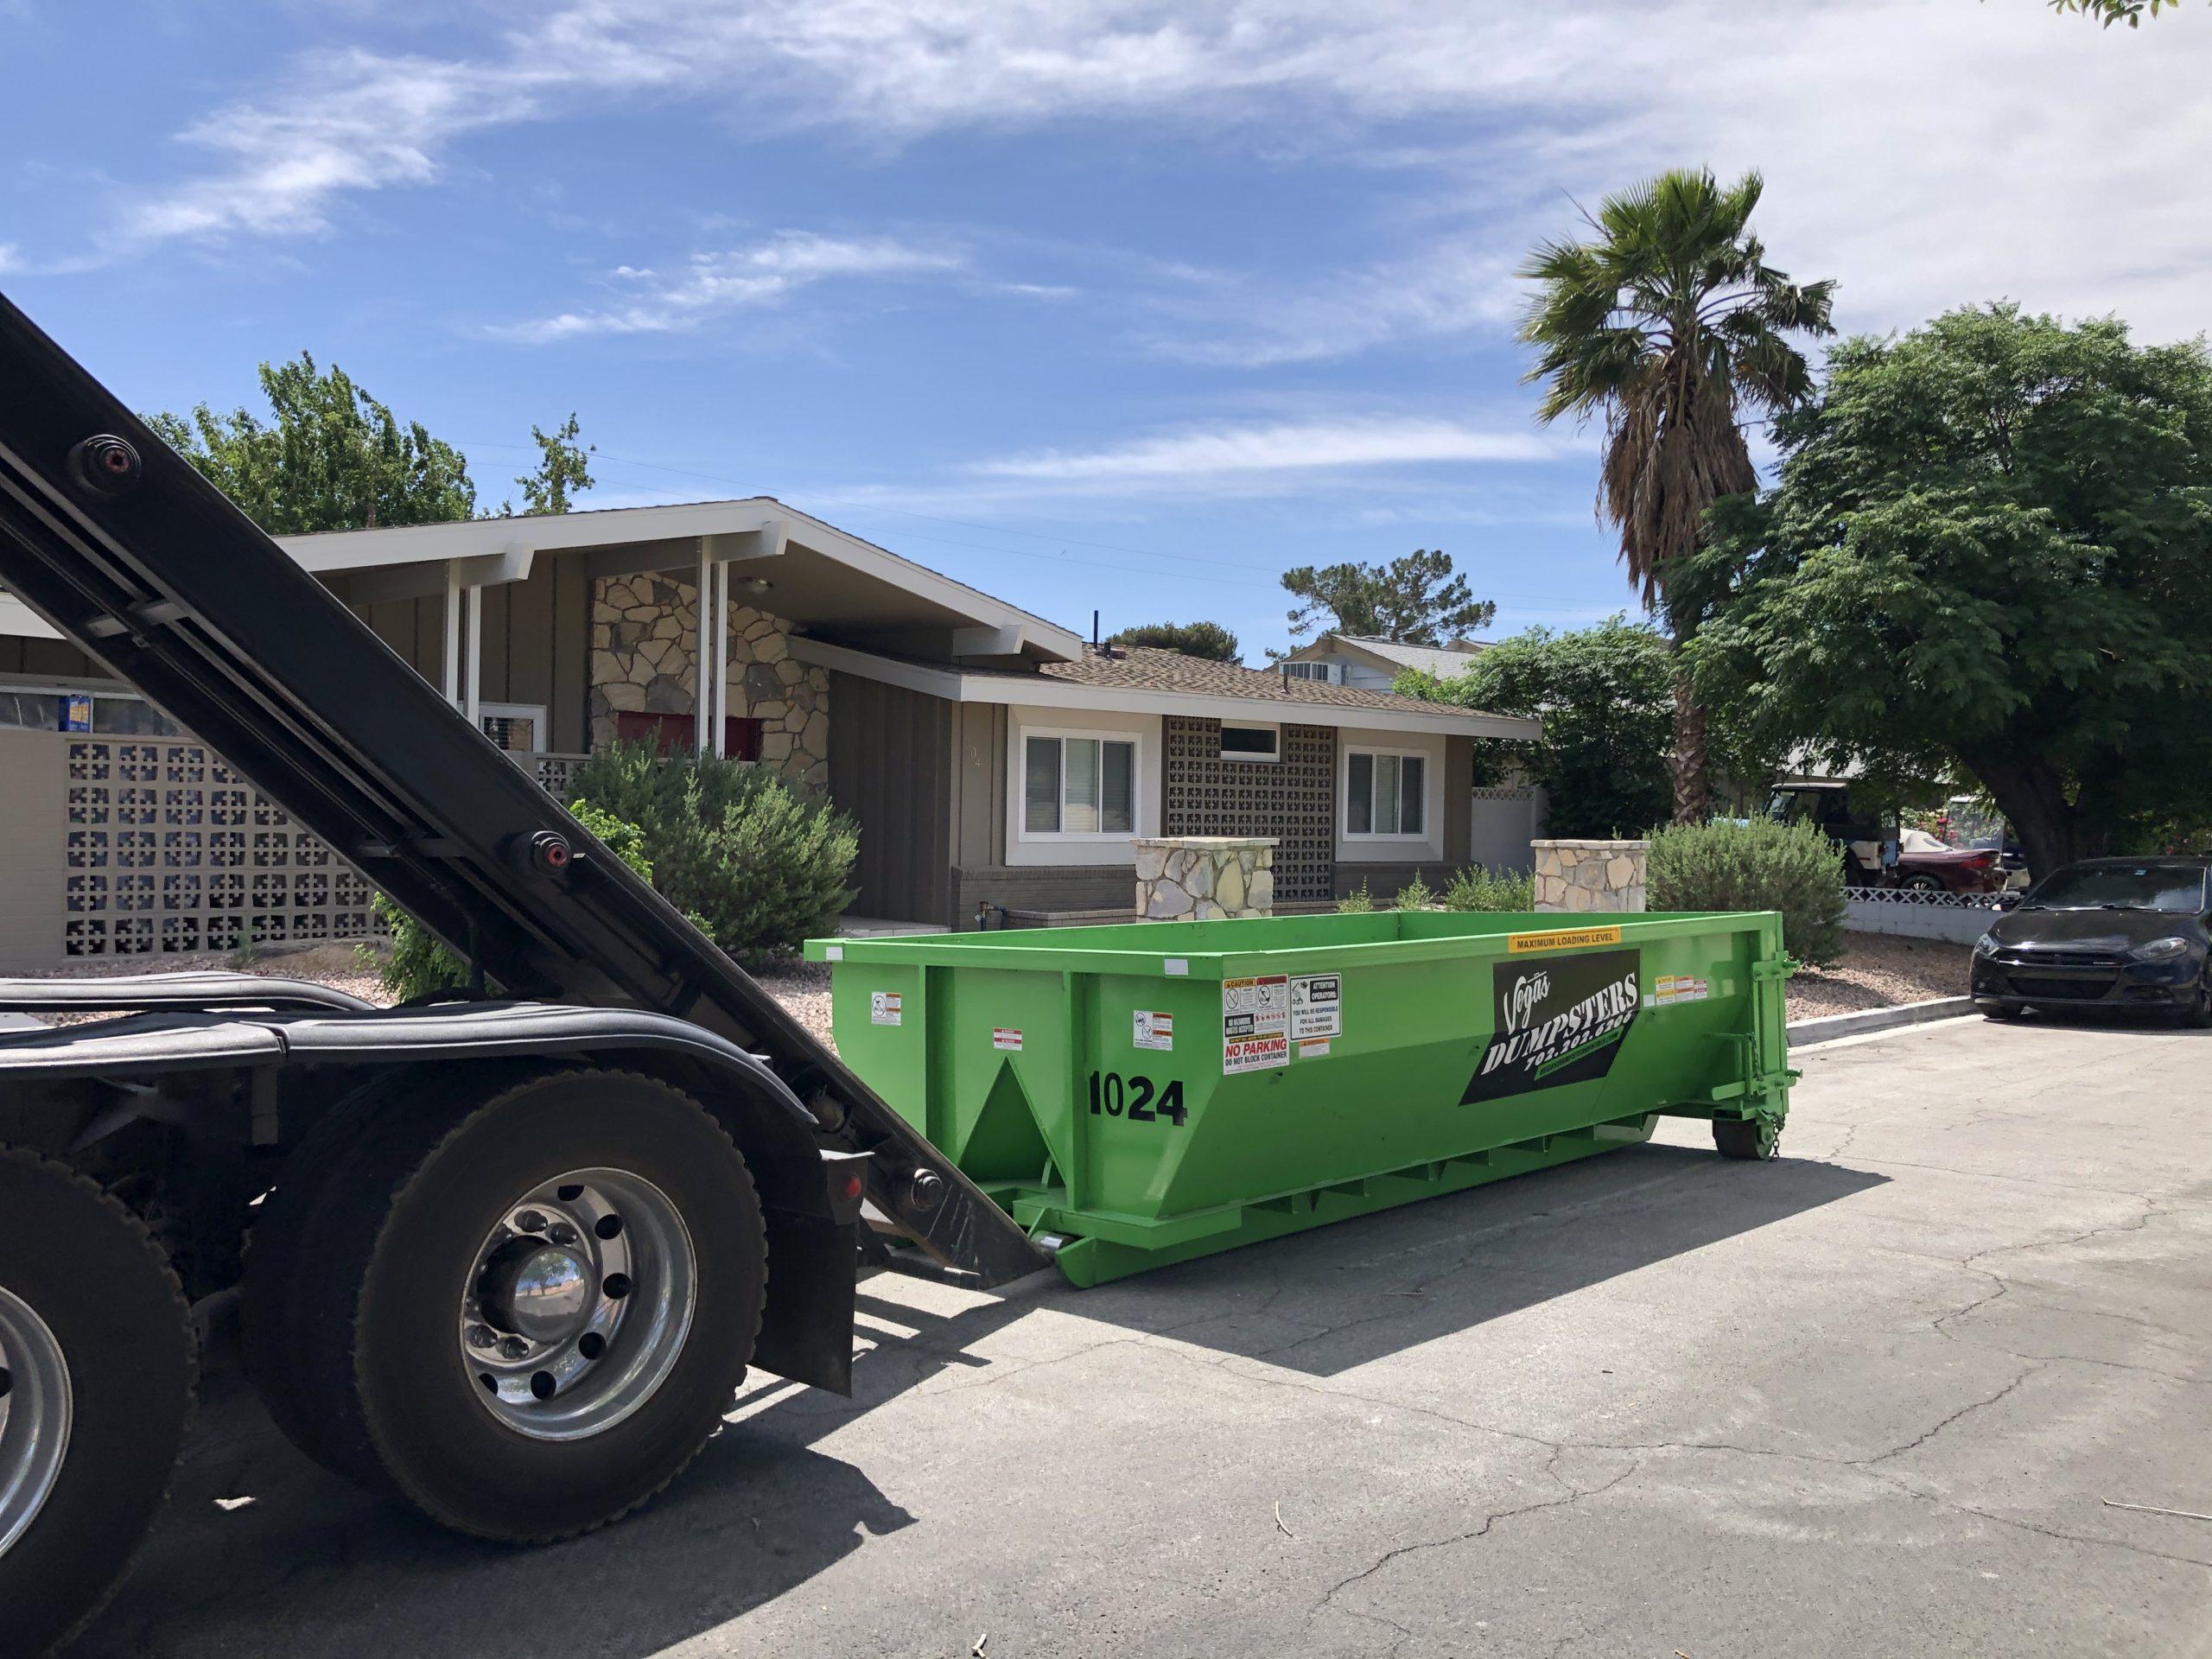 10 Yard Dumpster Rental Junk Control Junk Control